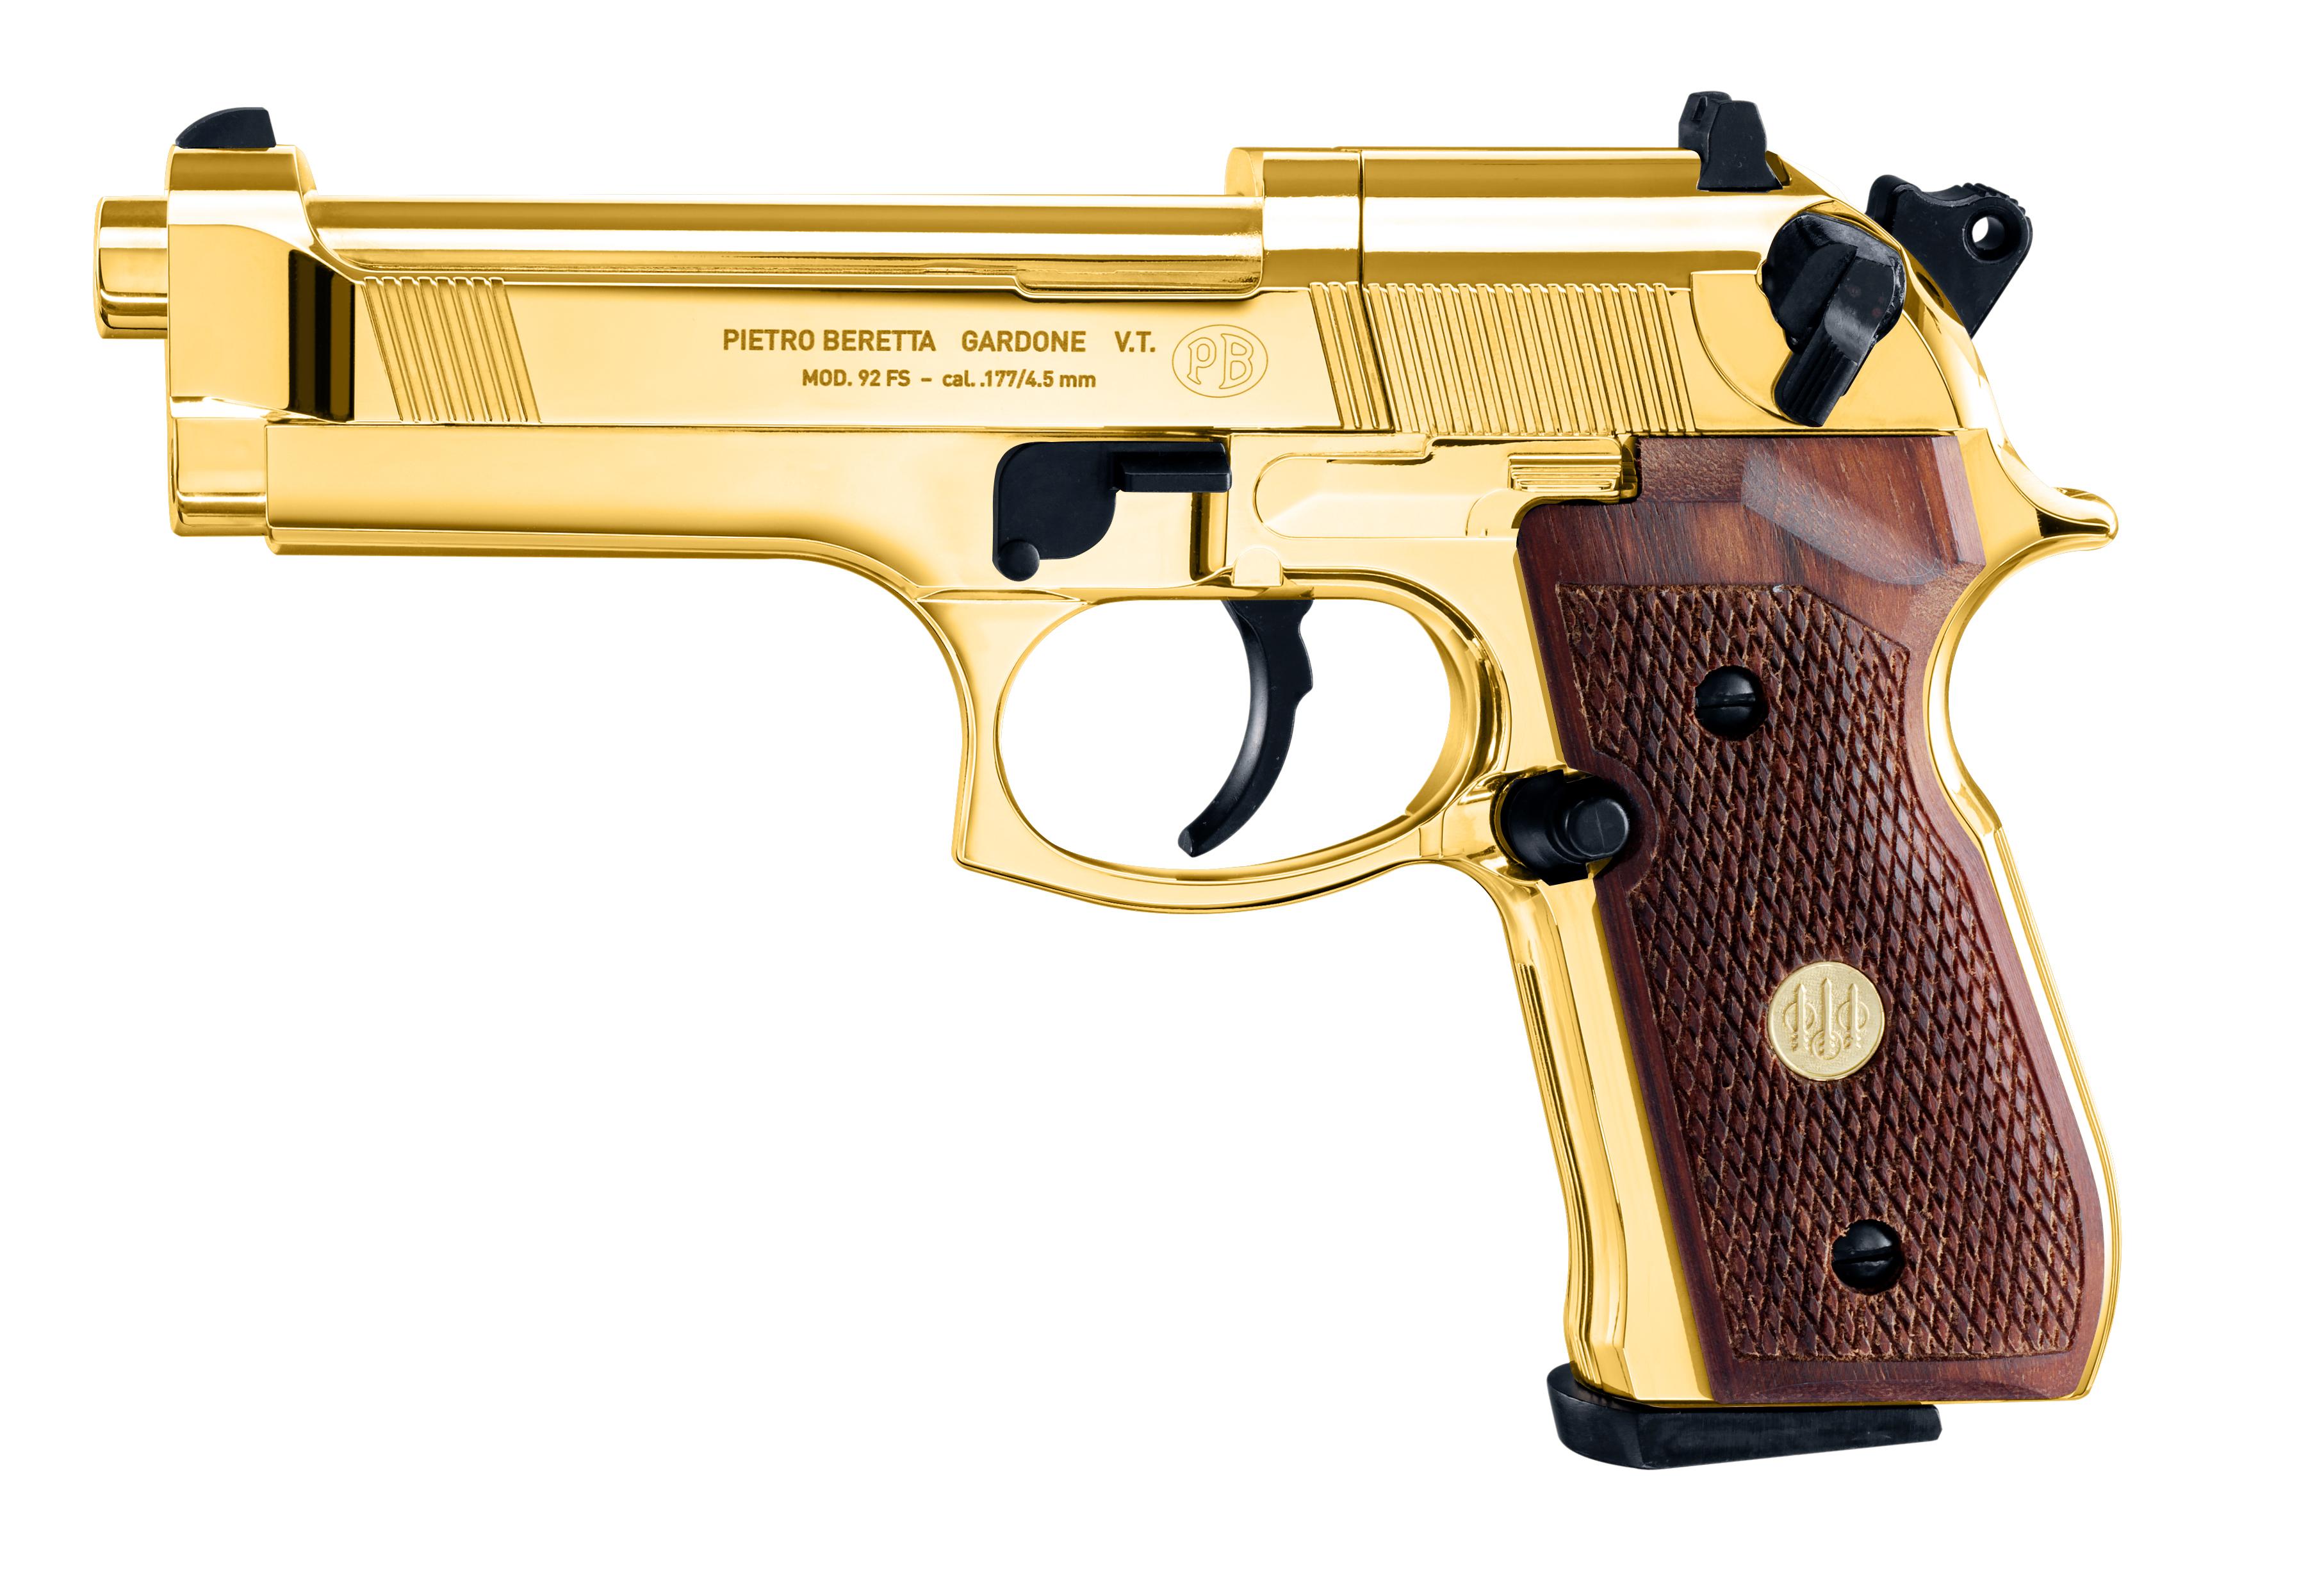 BERETTA (Umarex R) CO2 Airgun Replica MOD. 92 FS